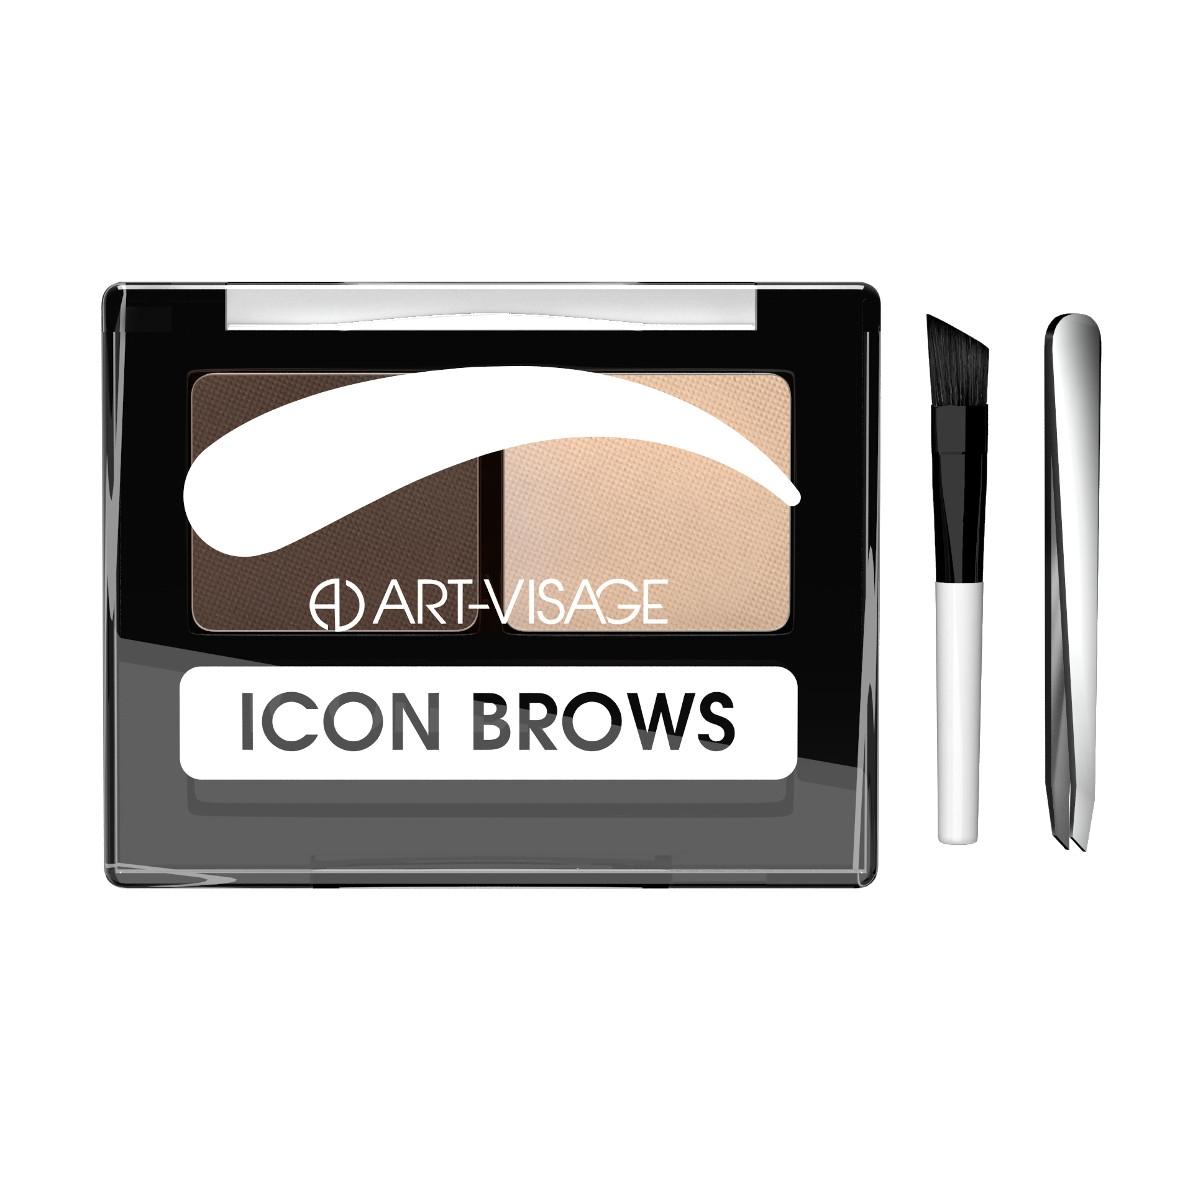 Двойные тени для бровей Art-Visage ICON BROWS с кисточкой и пинцетом 423